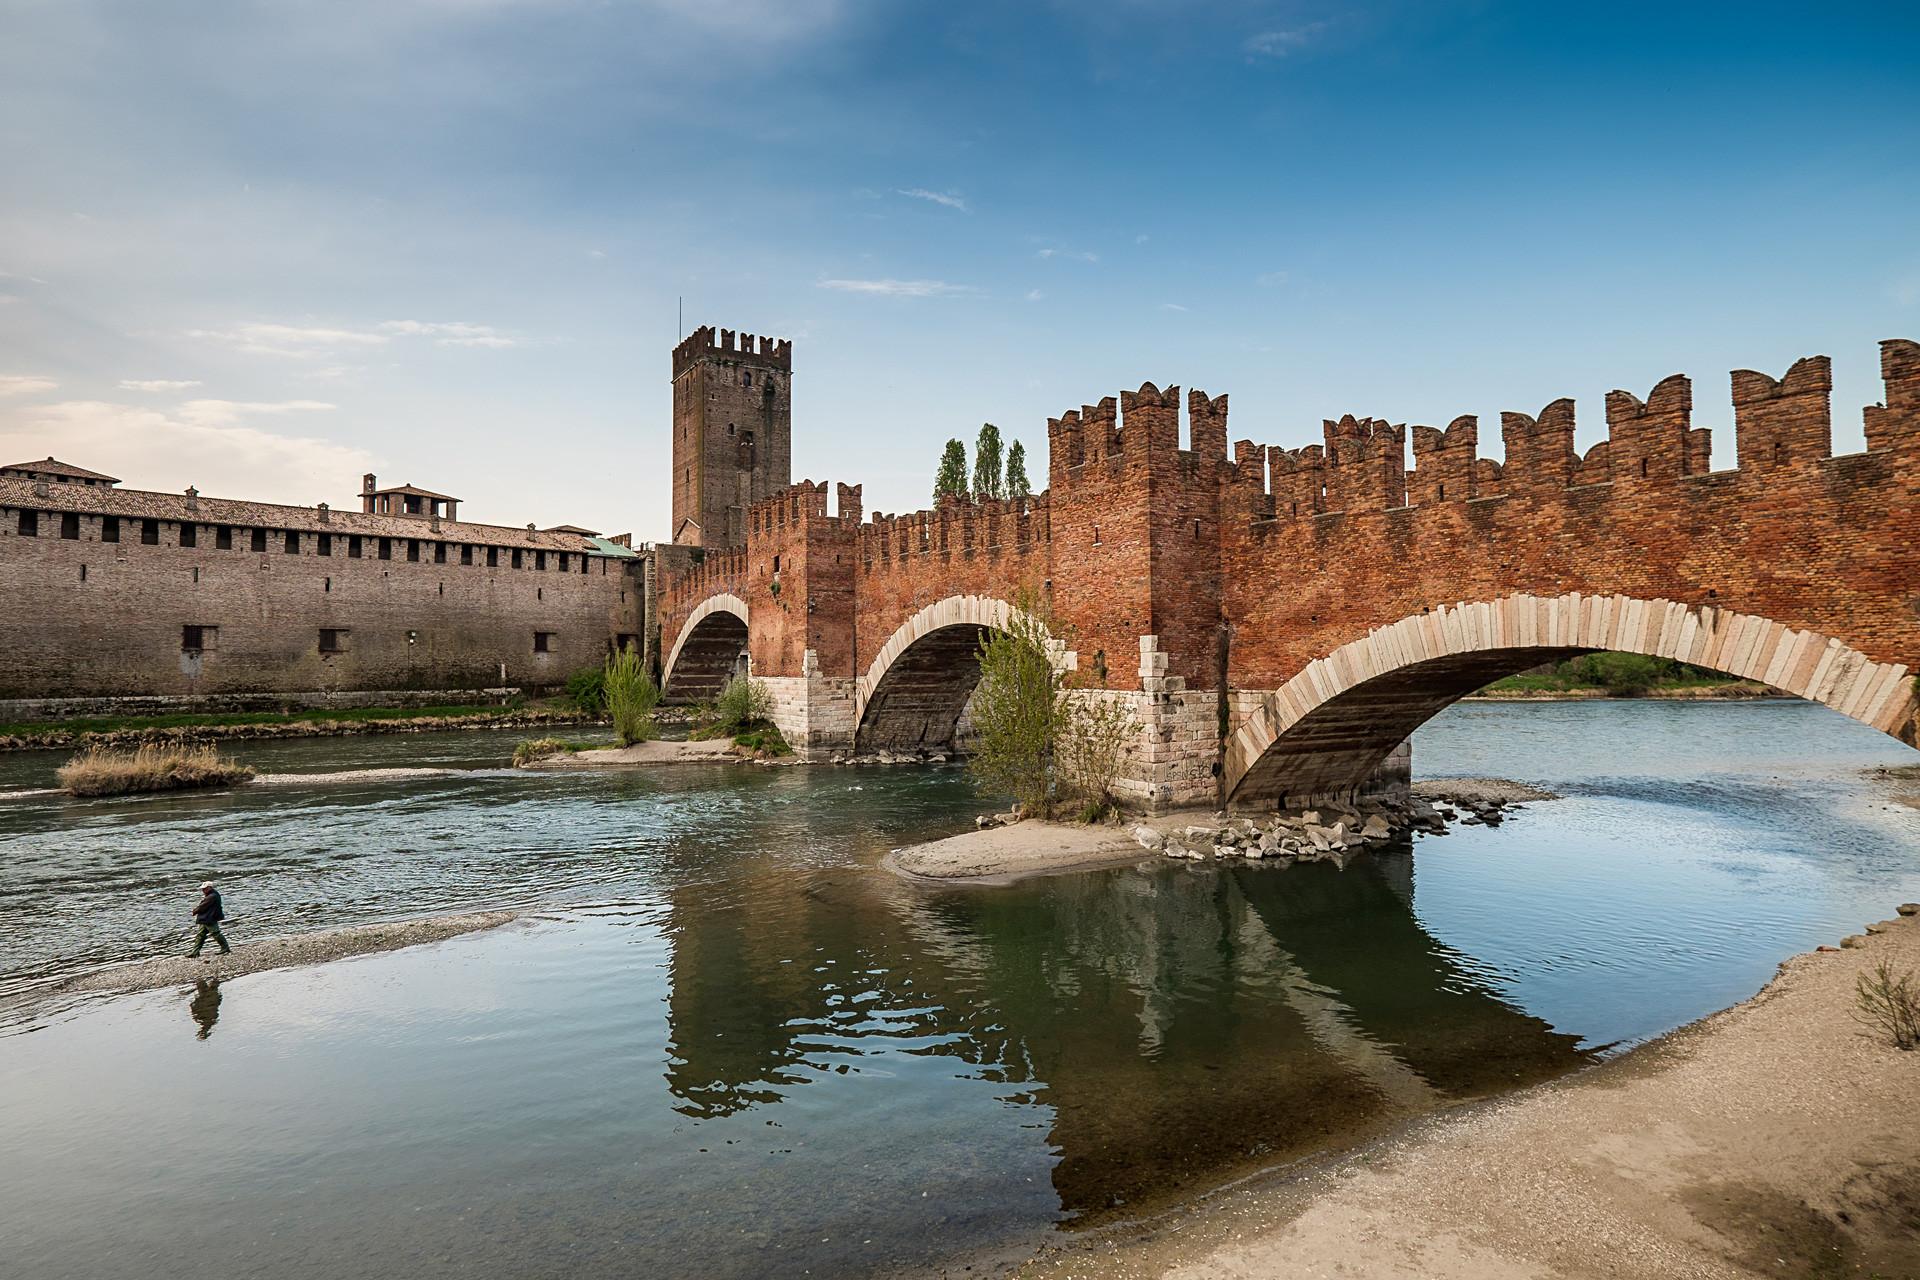 ヴェローナ、イタリアのカステルヴェッキオ(ヴェッキオ城)